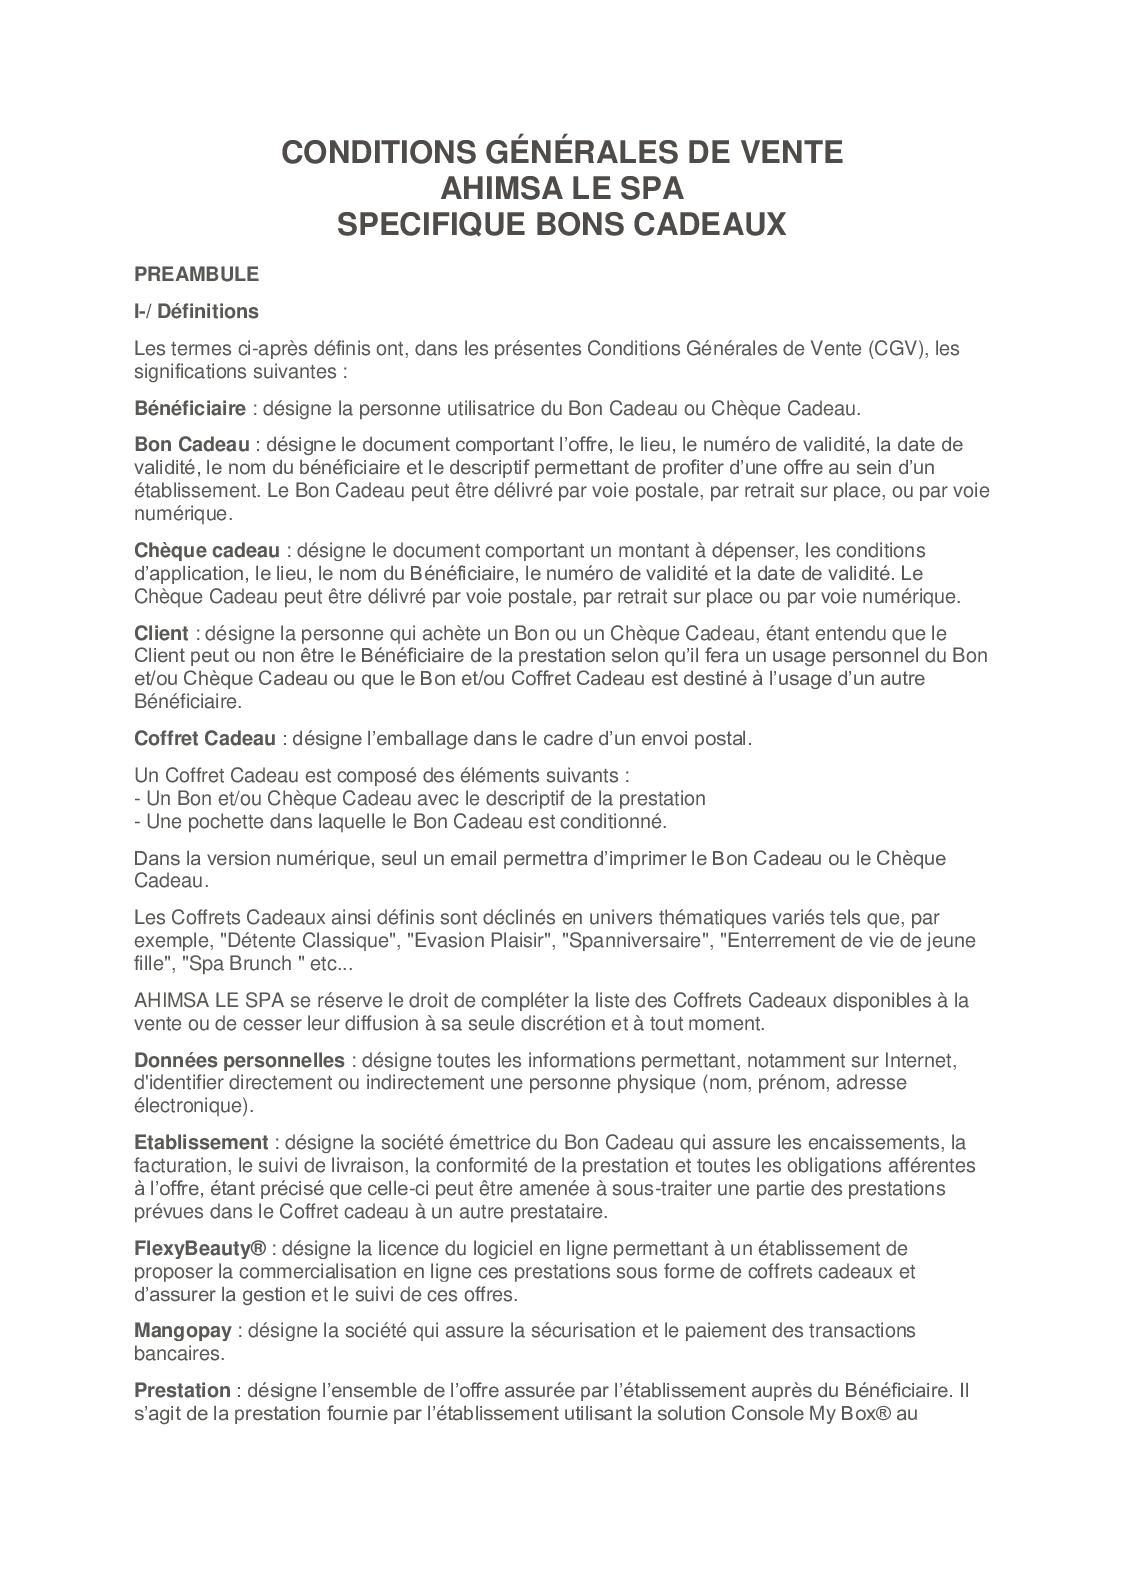 Calameo Cgv Ahimsa Le Spa Bons Cadeaux